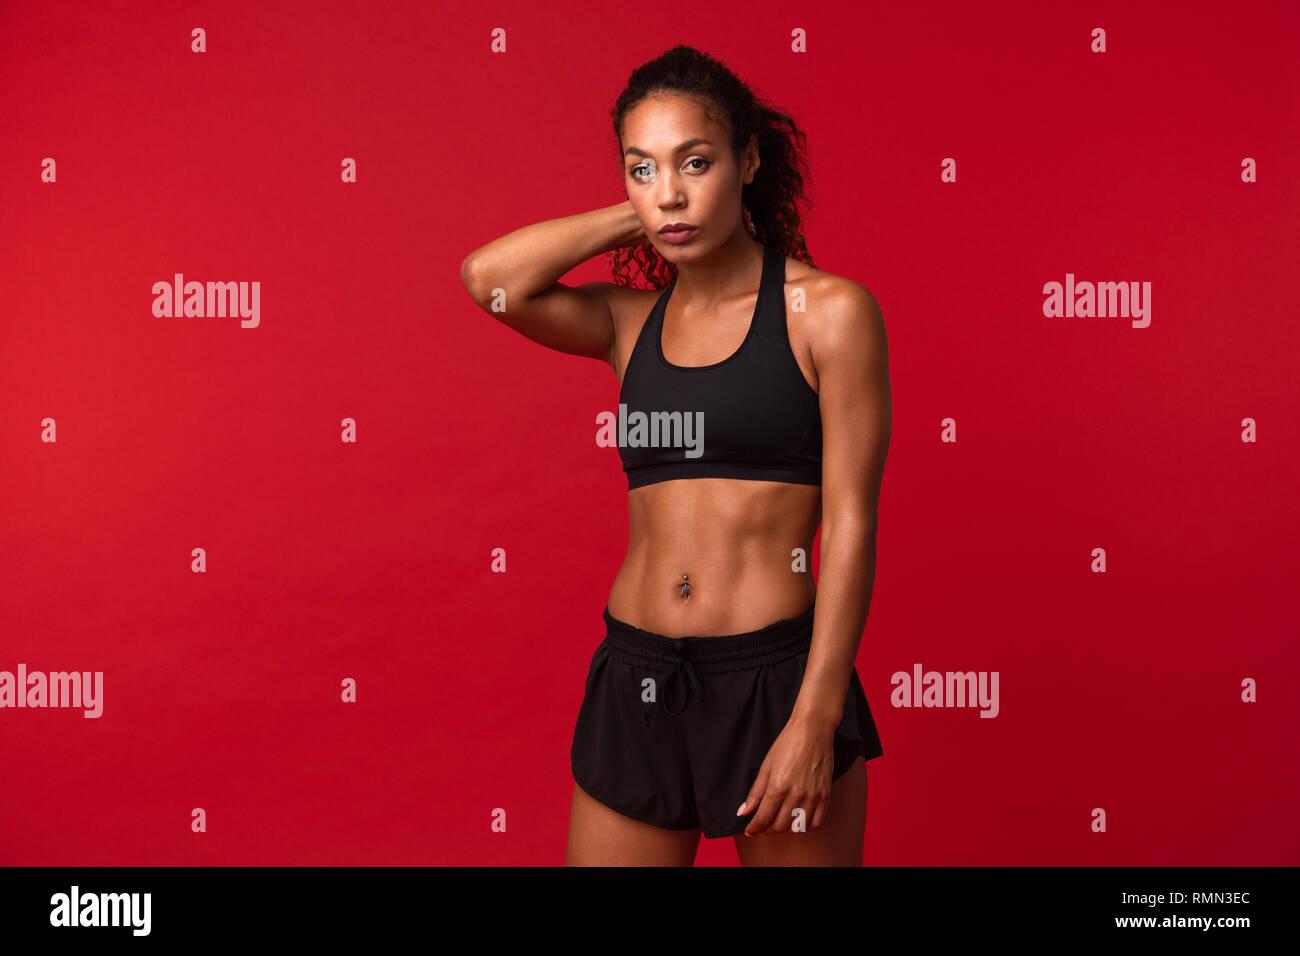 Ritratto di Ben costruita americano africano donna in nero permanente sportswear isolate su sfondo rosso Immagini Stock